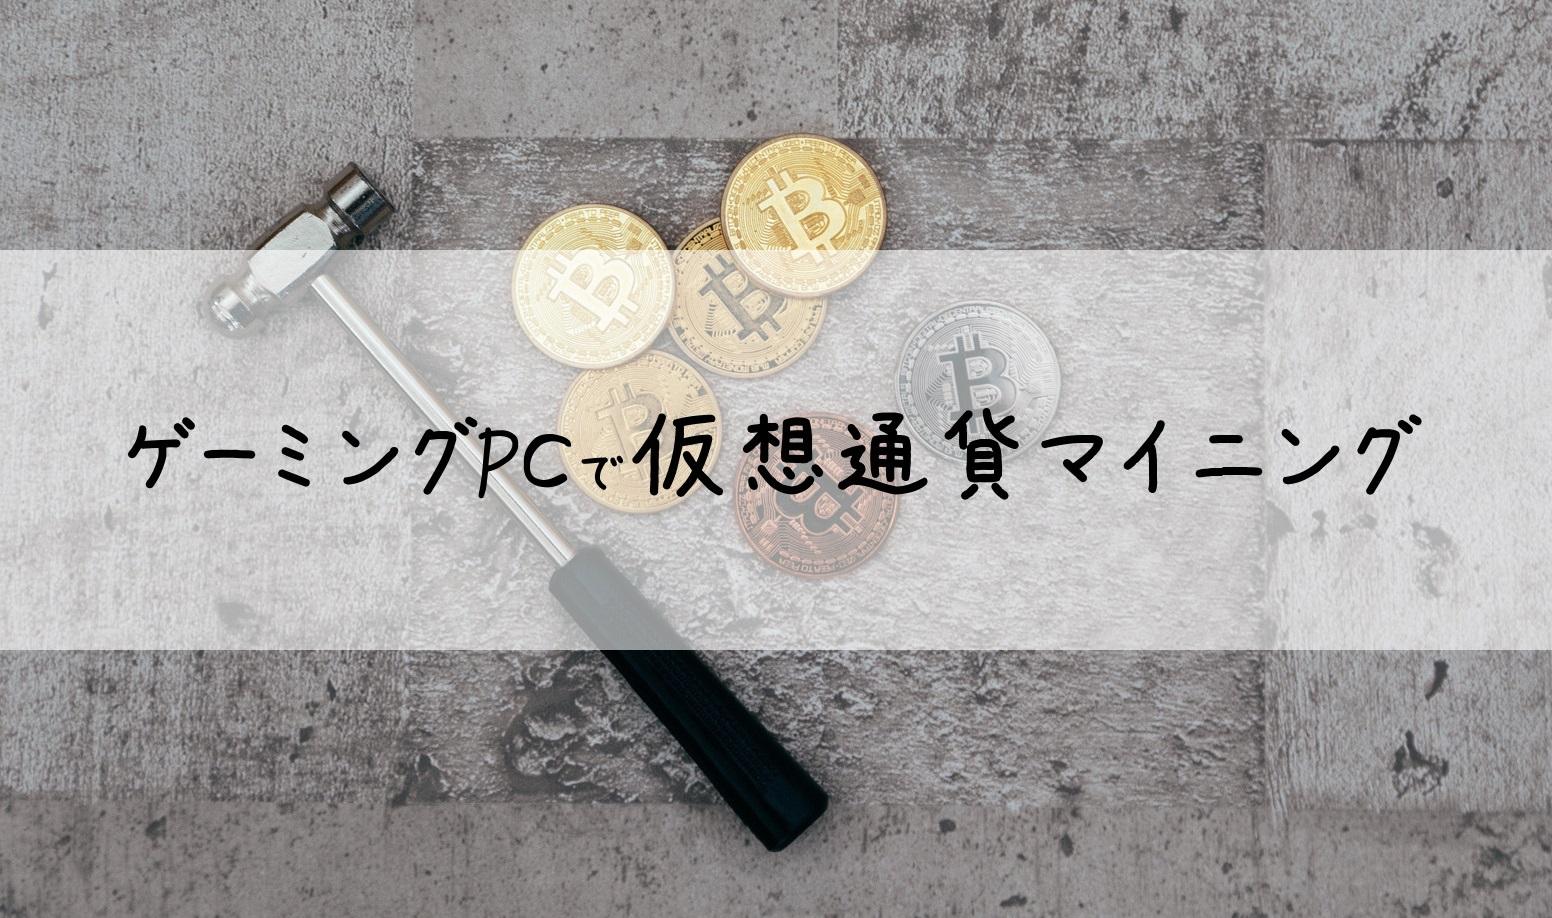 ゲーミングPCで仮想通貨マイニングをするメリットとデメリット